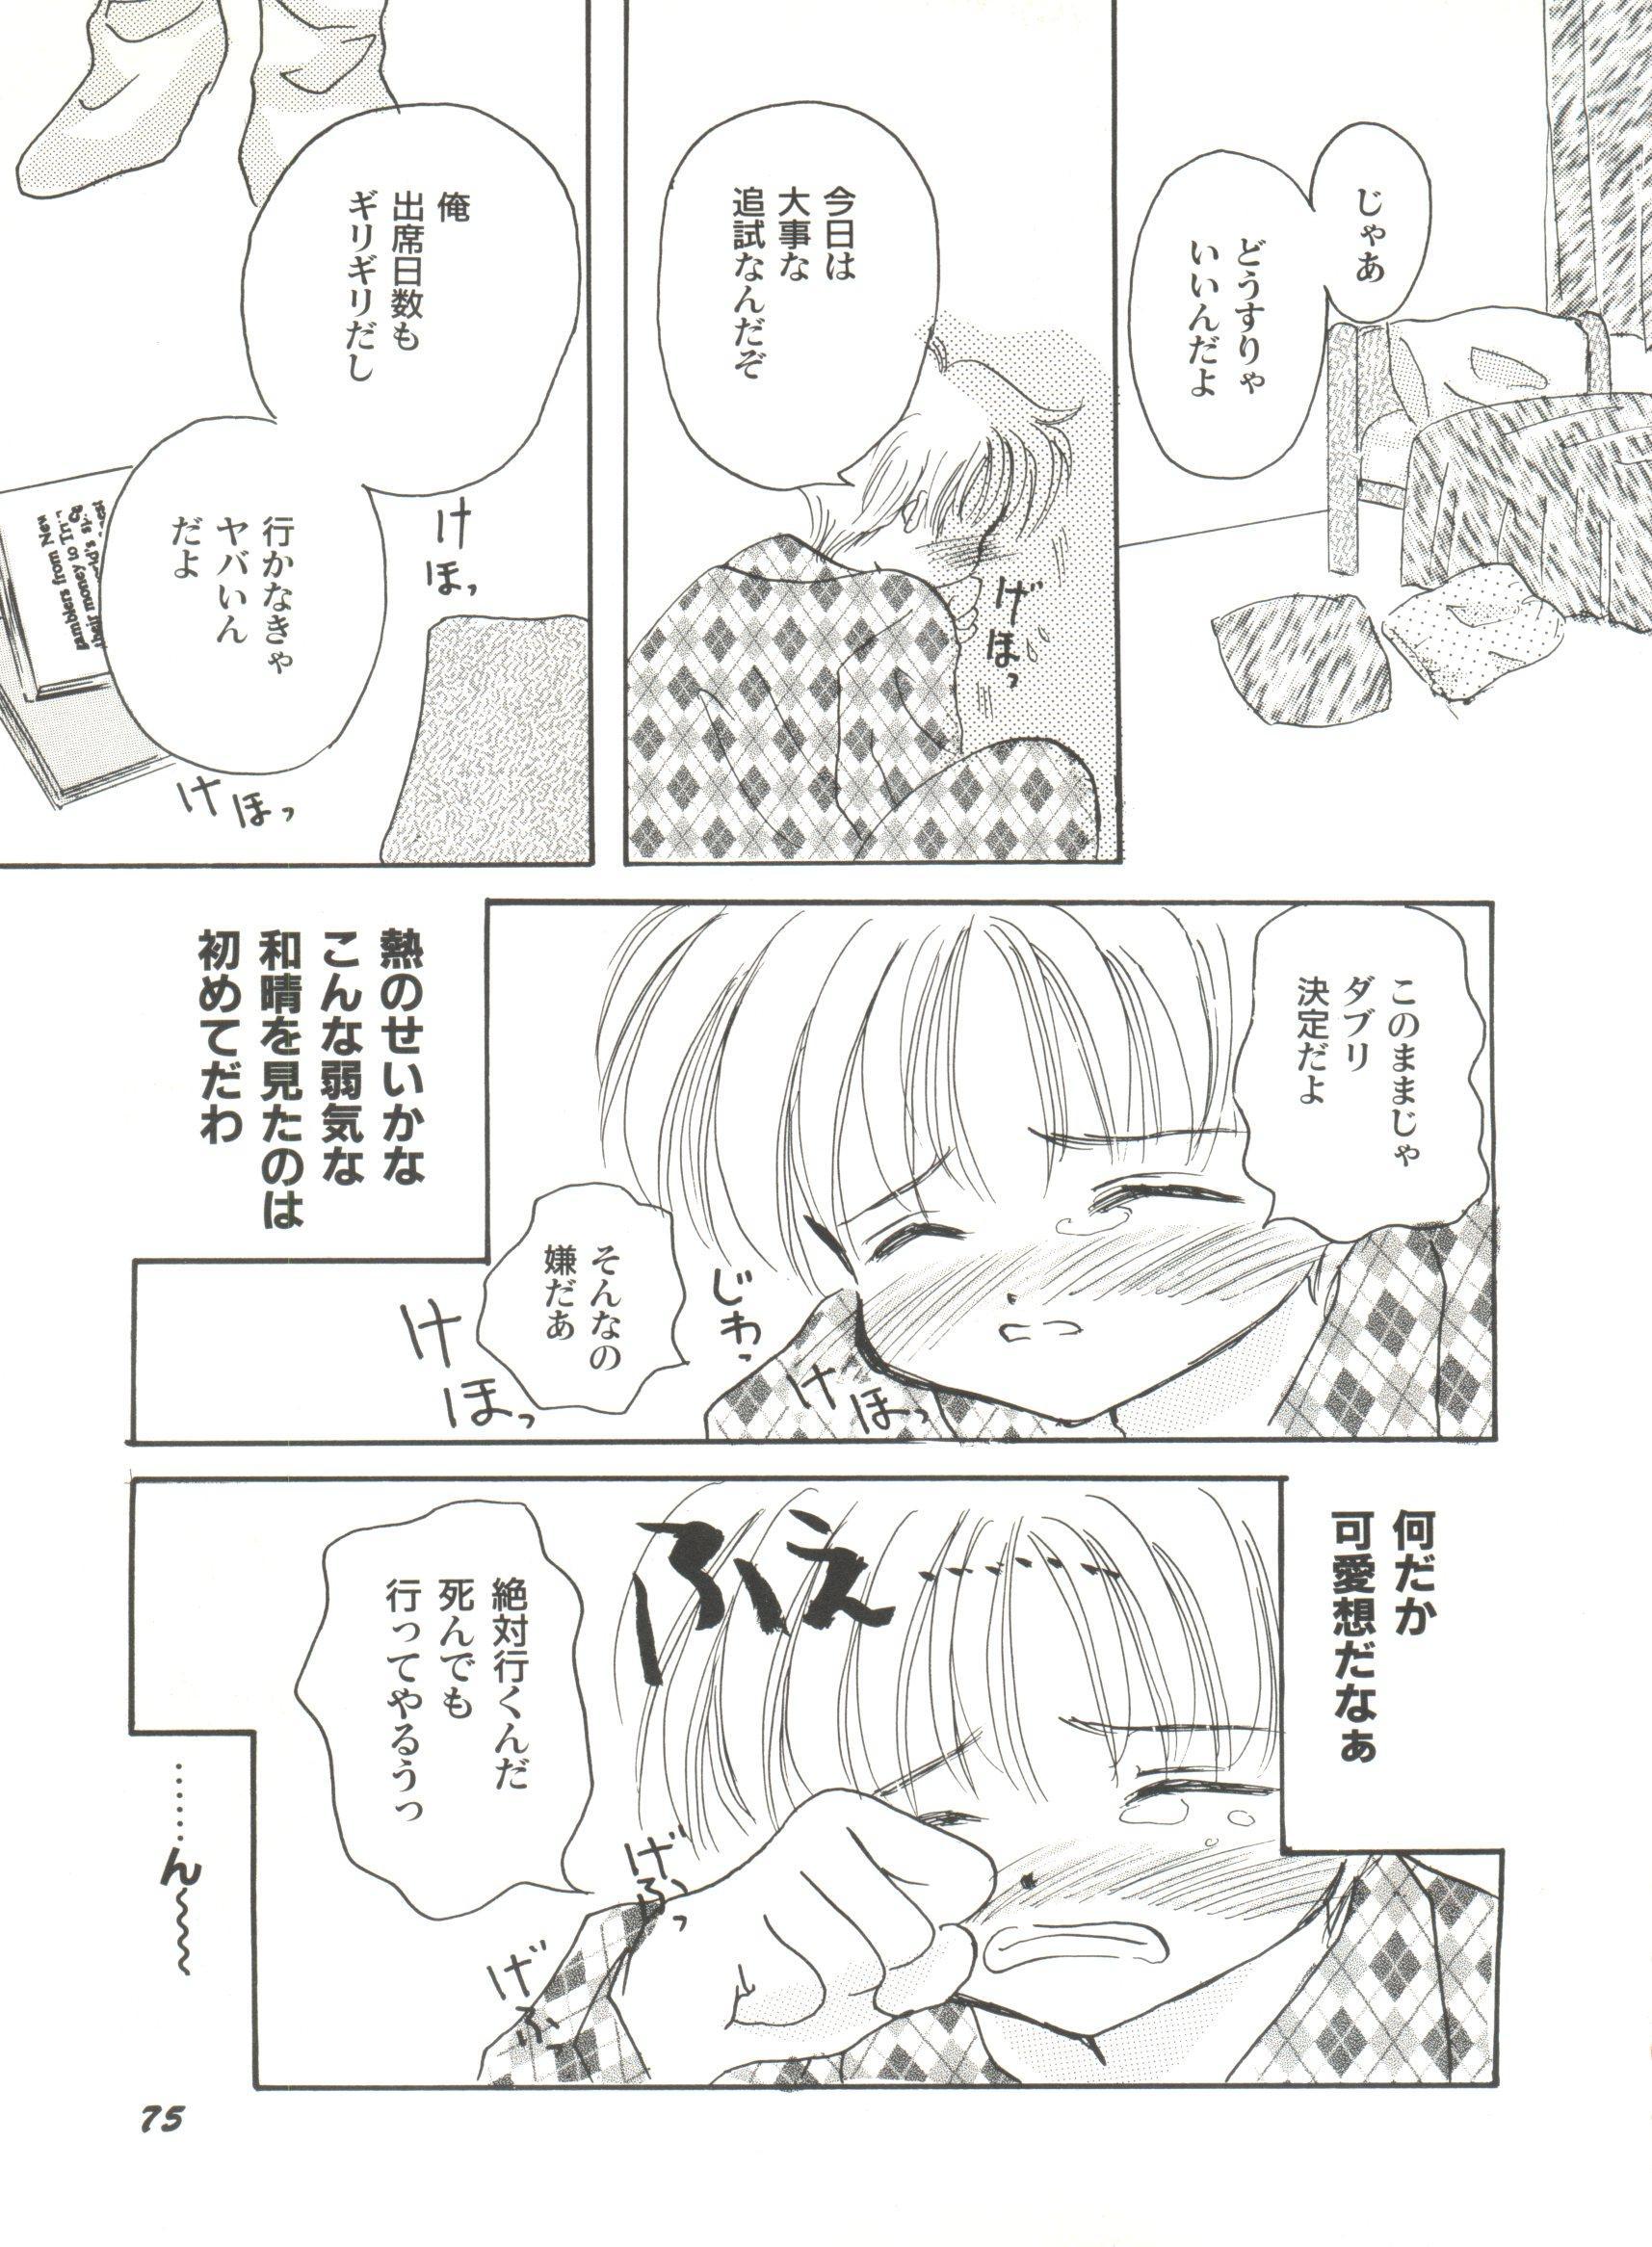 Bishoujo Doujinshi Anthology Cute 4 76